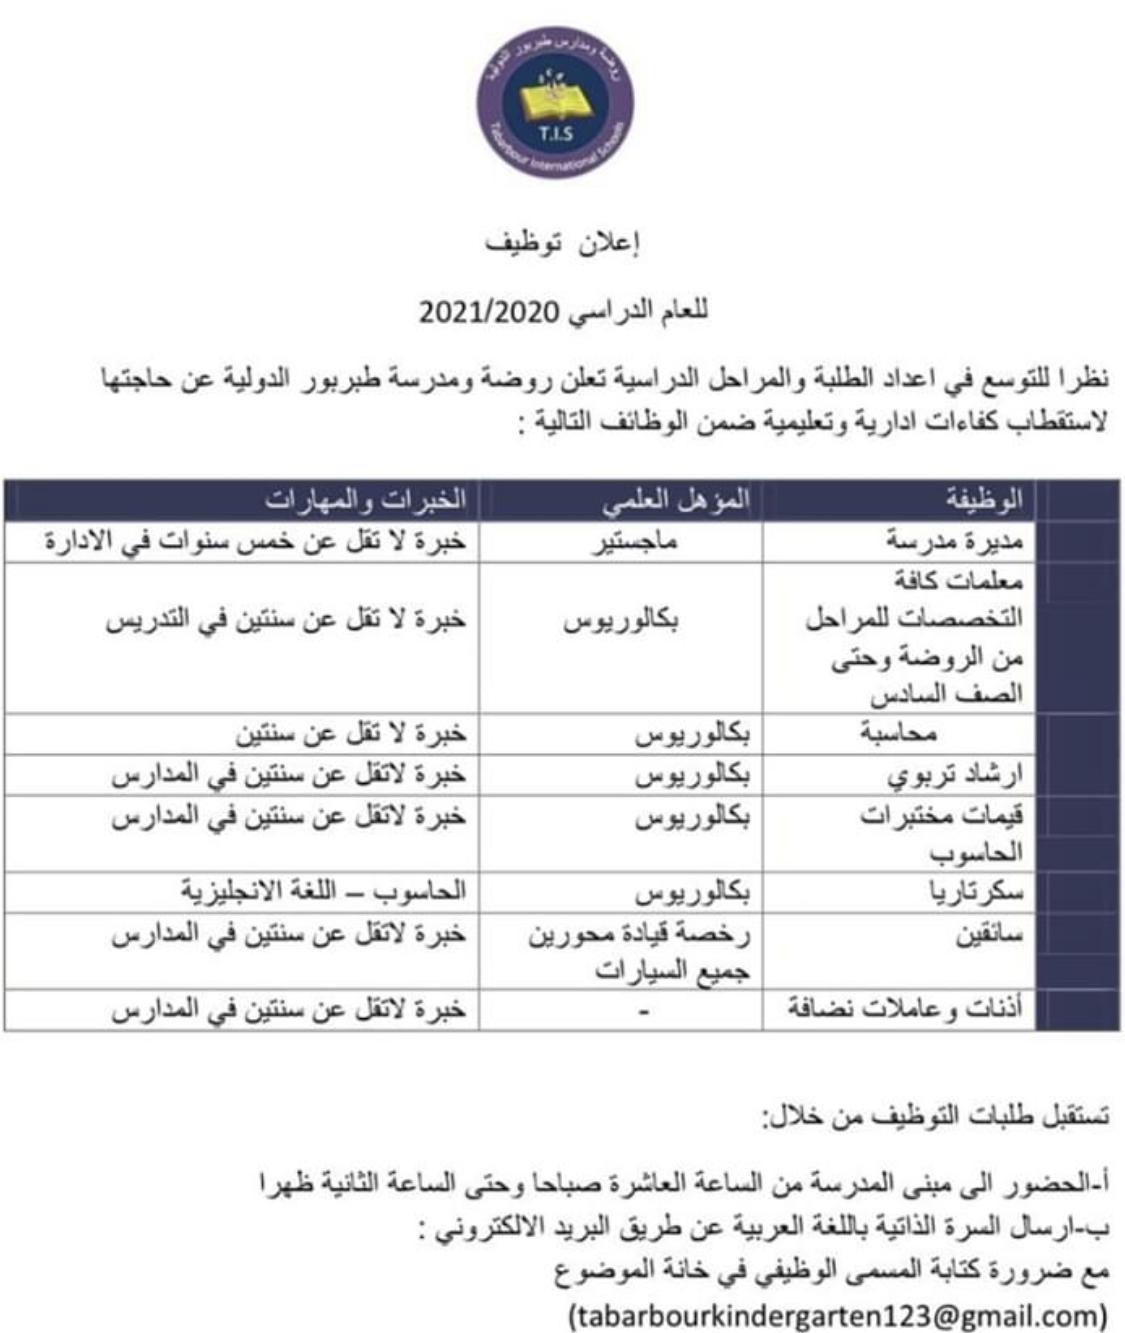 وظائف اداريه في المدارس